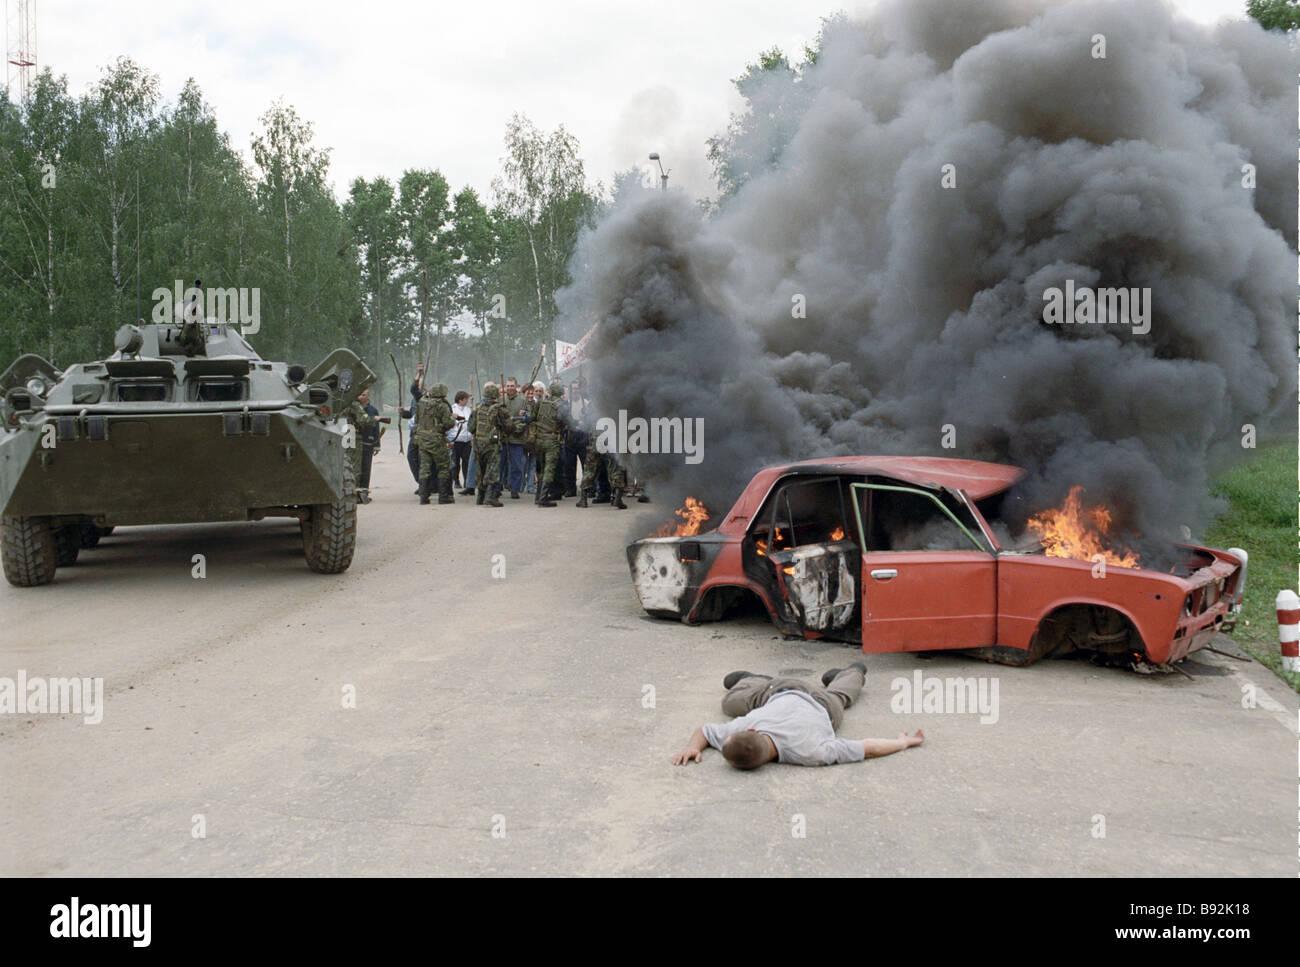 Truppen der russischen Armee beseitigen, ein Mock-up Konflikte zwischen den Einheimischen Friedenssicherung Übung Stockbild